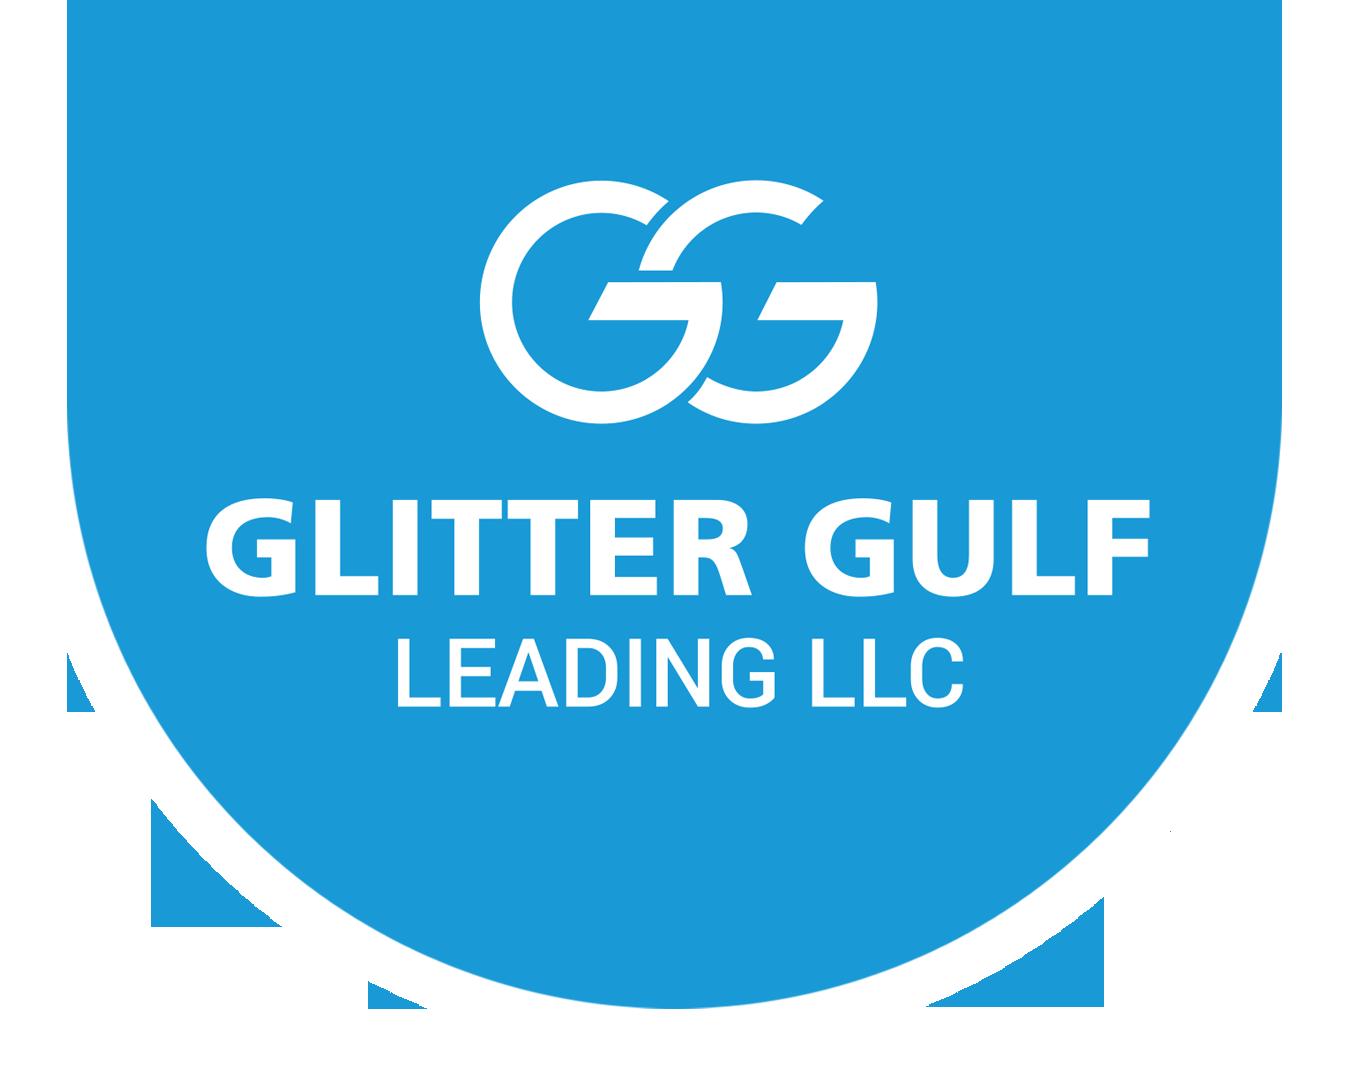 Glitter Gulf Leading LLC